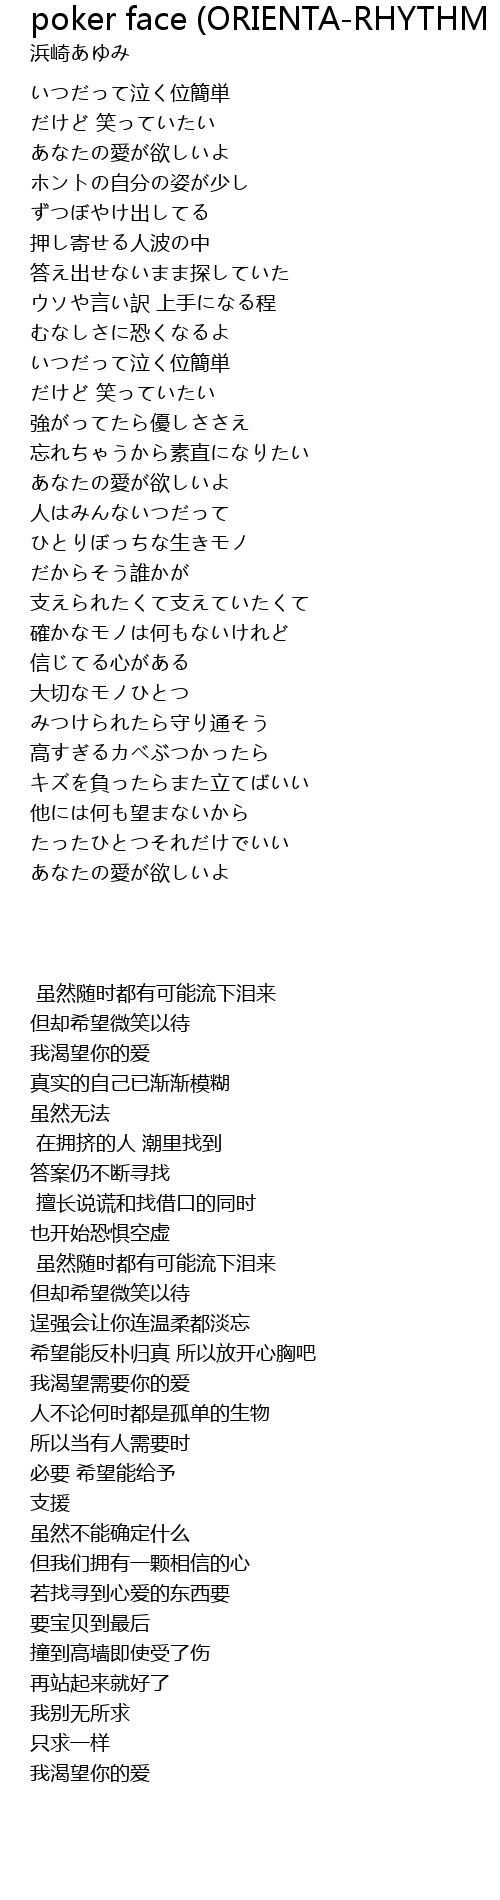 泣く くらい あゆみ 浜崎 いつ だって